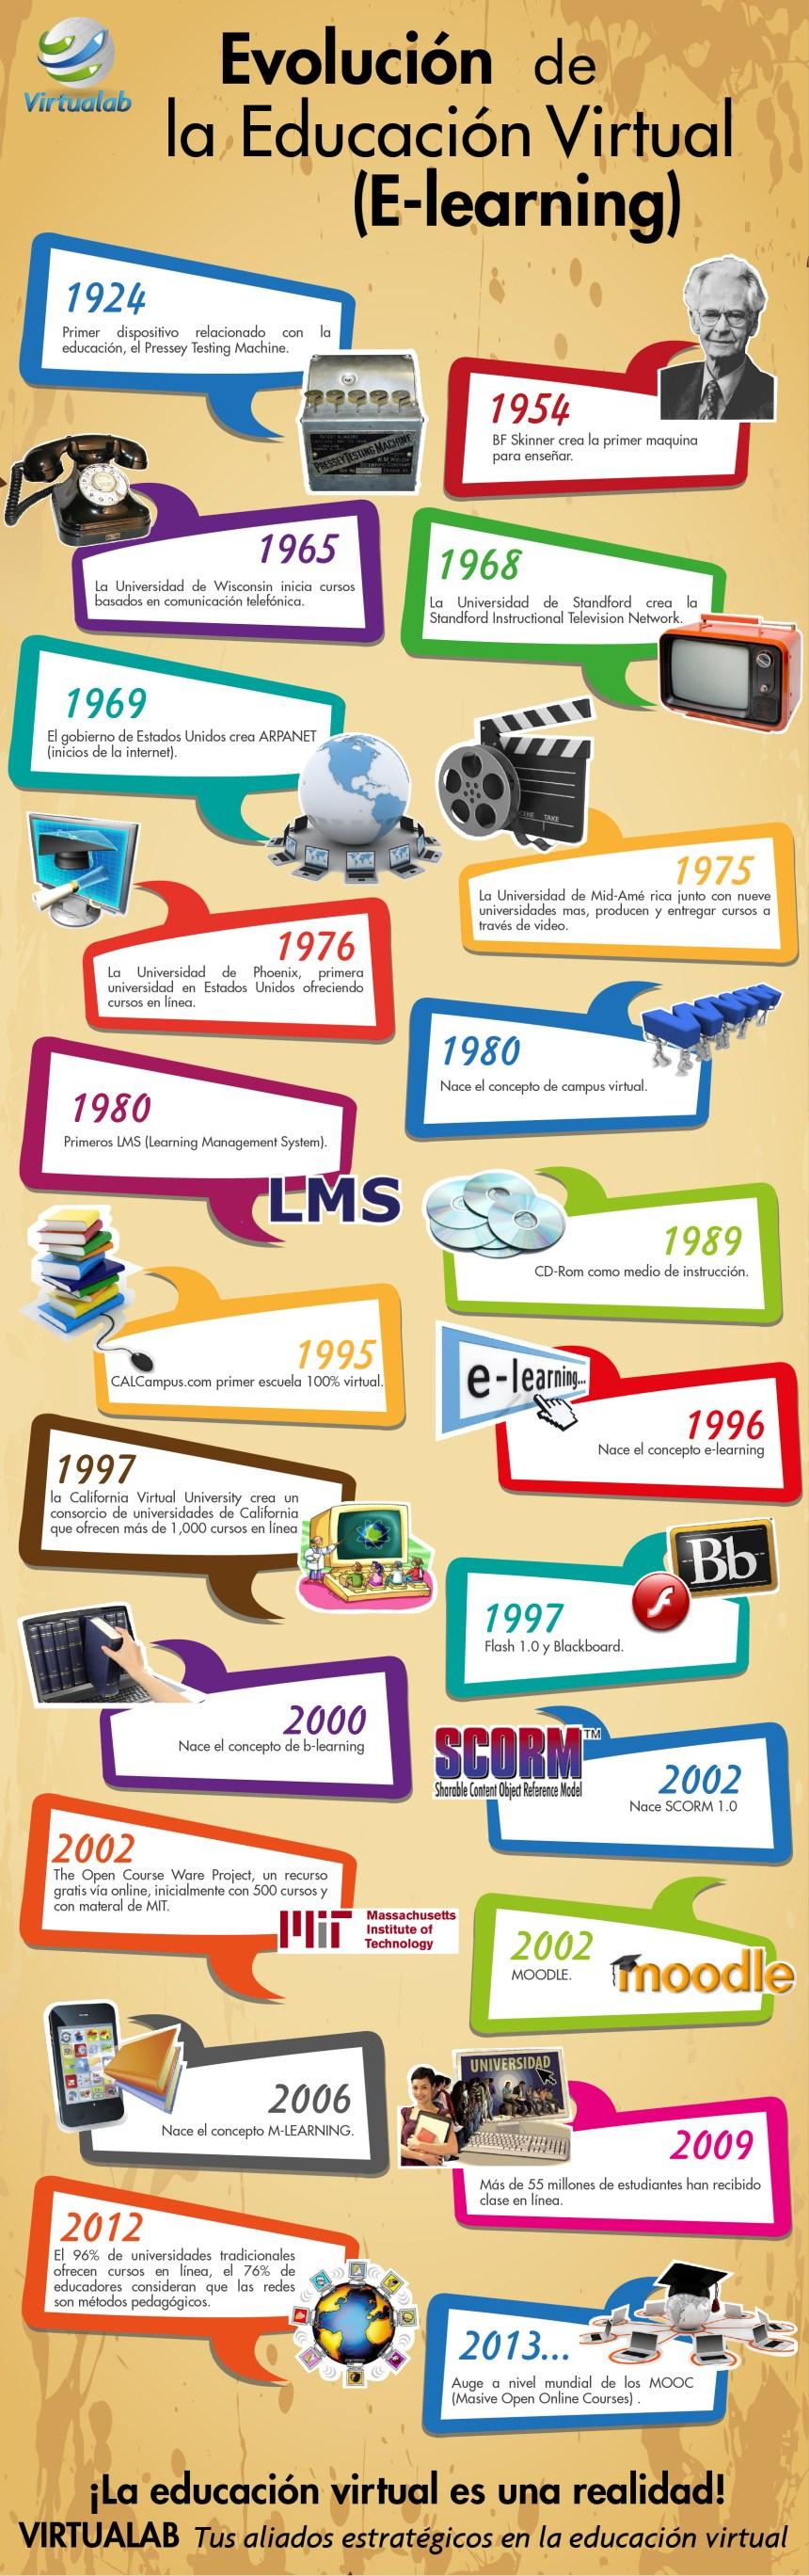 La evolución del eLearning